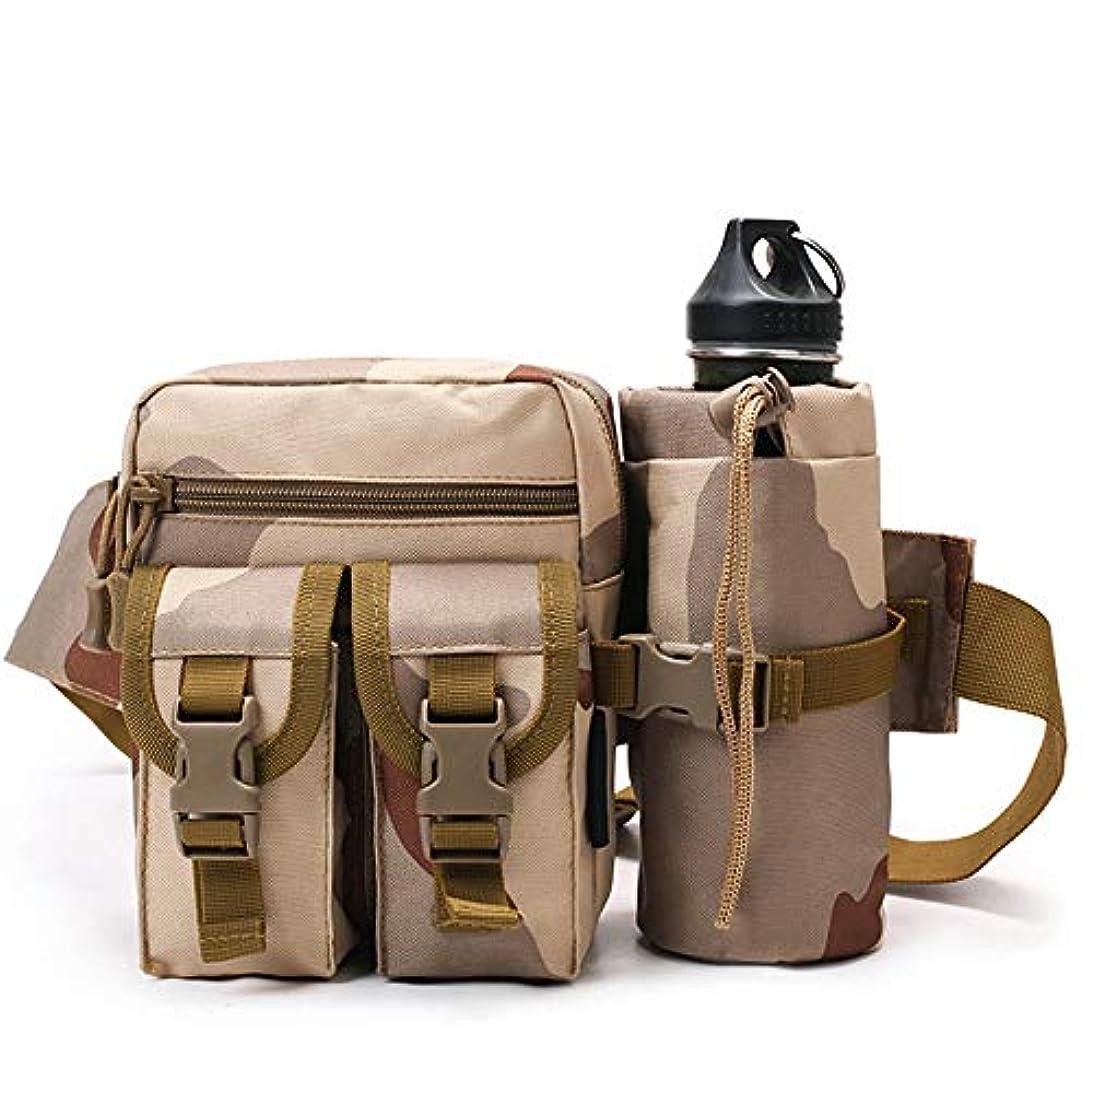 勤勉な子供っぽいハリウッド渓流バッグ 耐久性のある釣りバッグホールドオールは、保存袋多機能アウトドアスポーツバッグタックル アウトドアスポーツユーティリティーストレージバッグ (Color : Desert digital, Size : S)